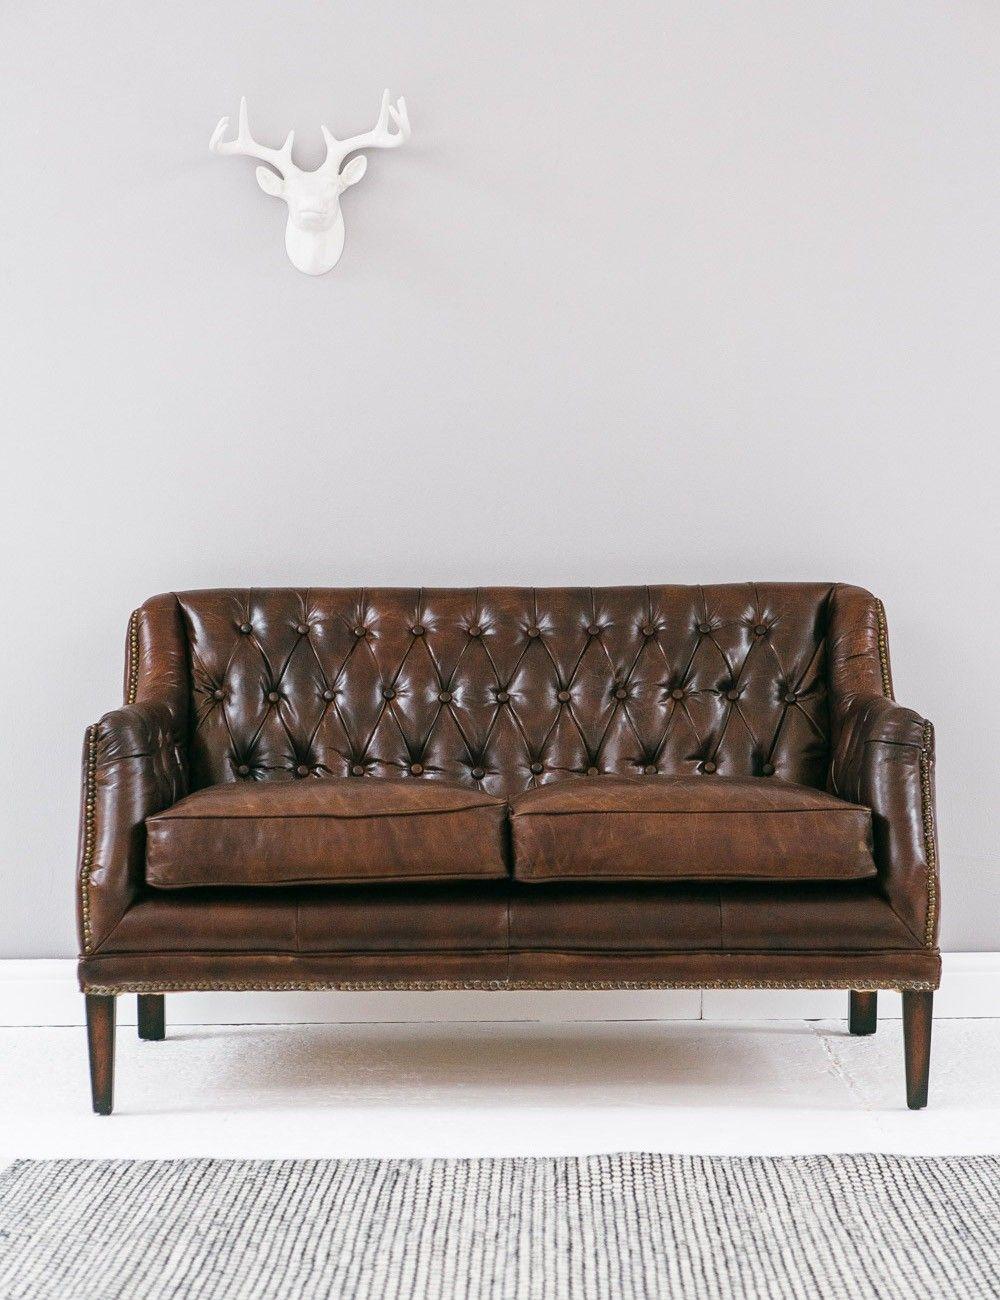 Tidafors sofa review uk dating